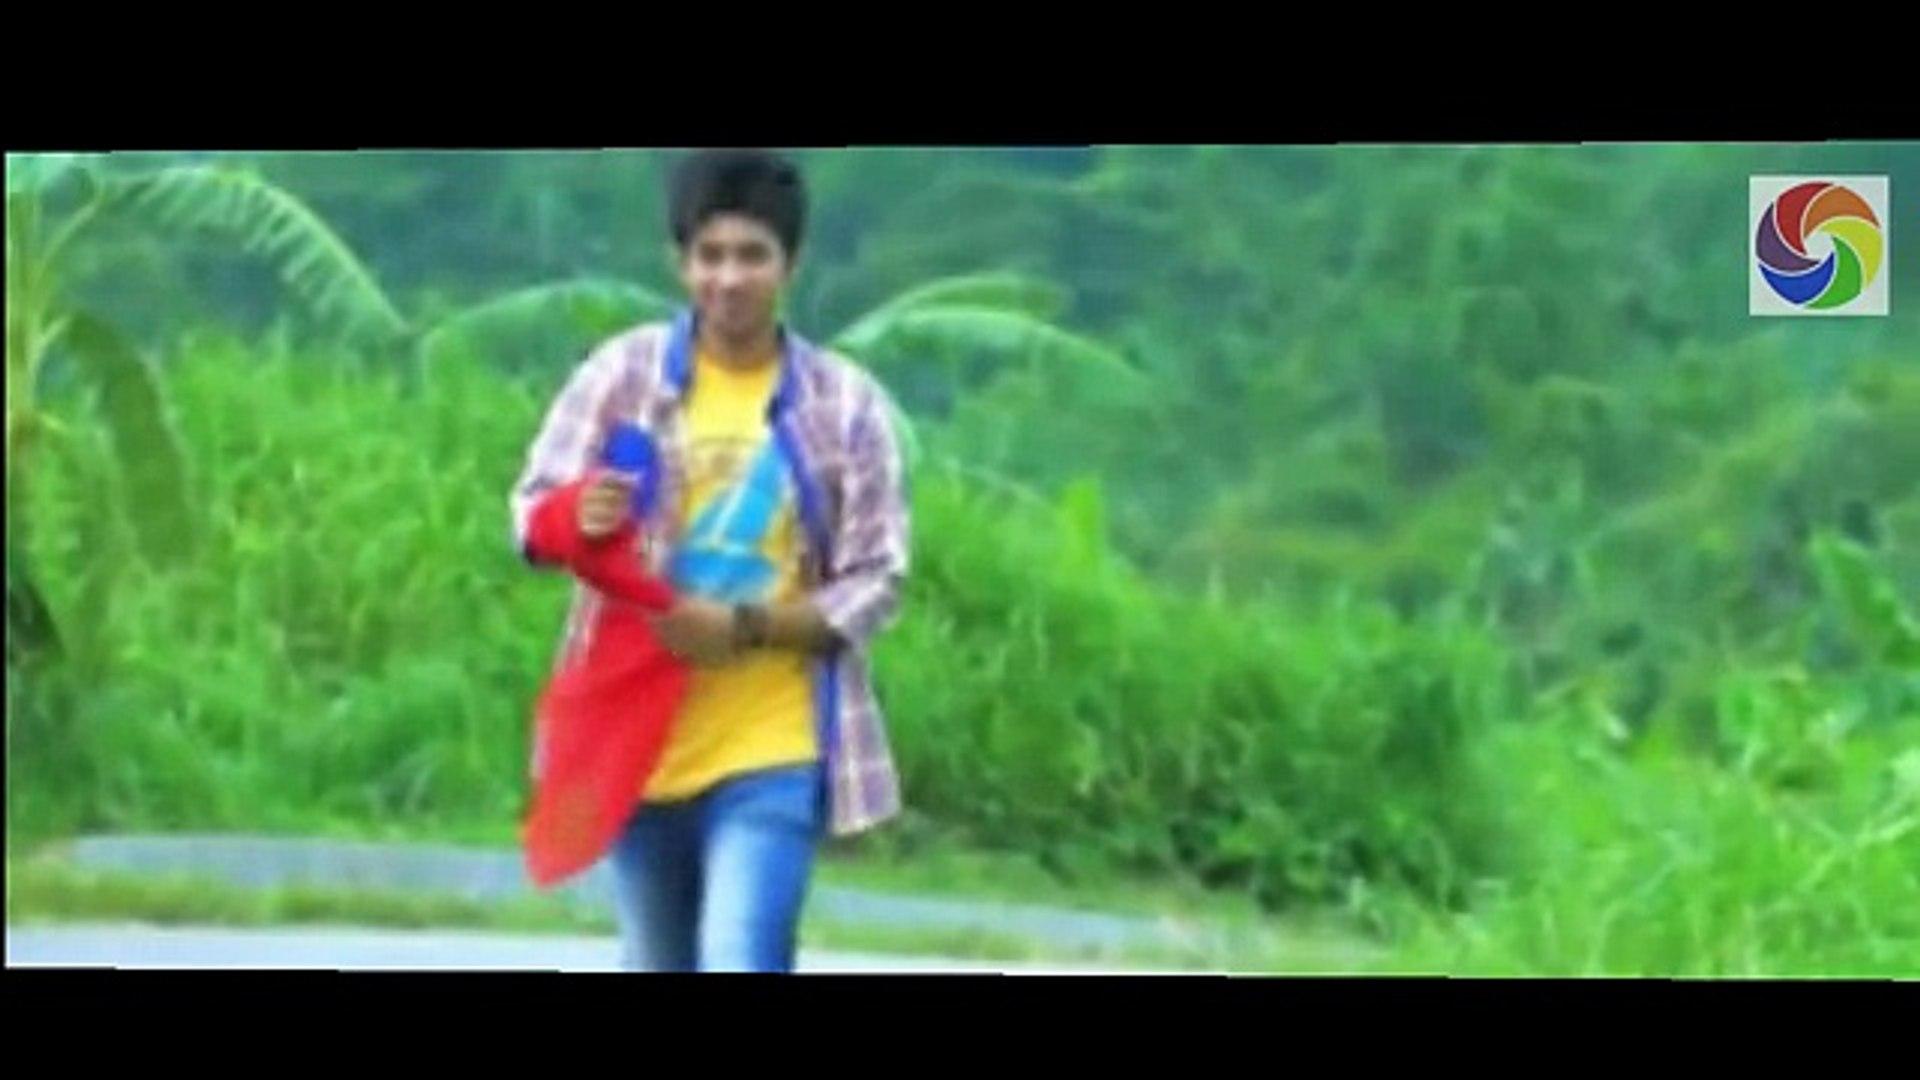 ROMANTIC HINDI SONGS 2018 - Hindi SAD Songs - Bollywood New Songs - Indian Songs